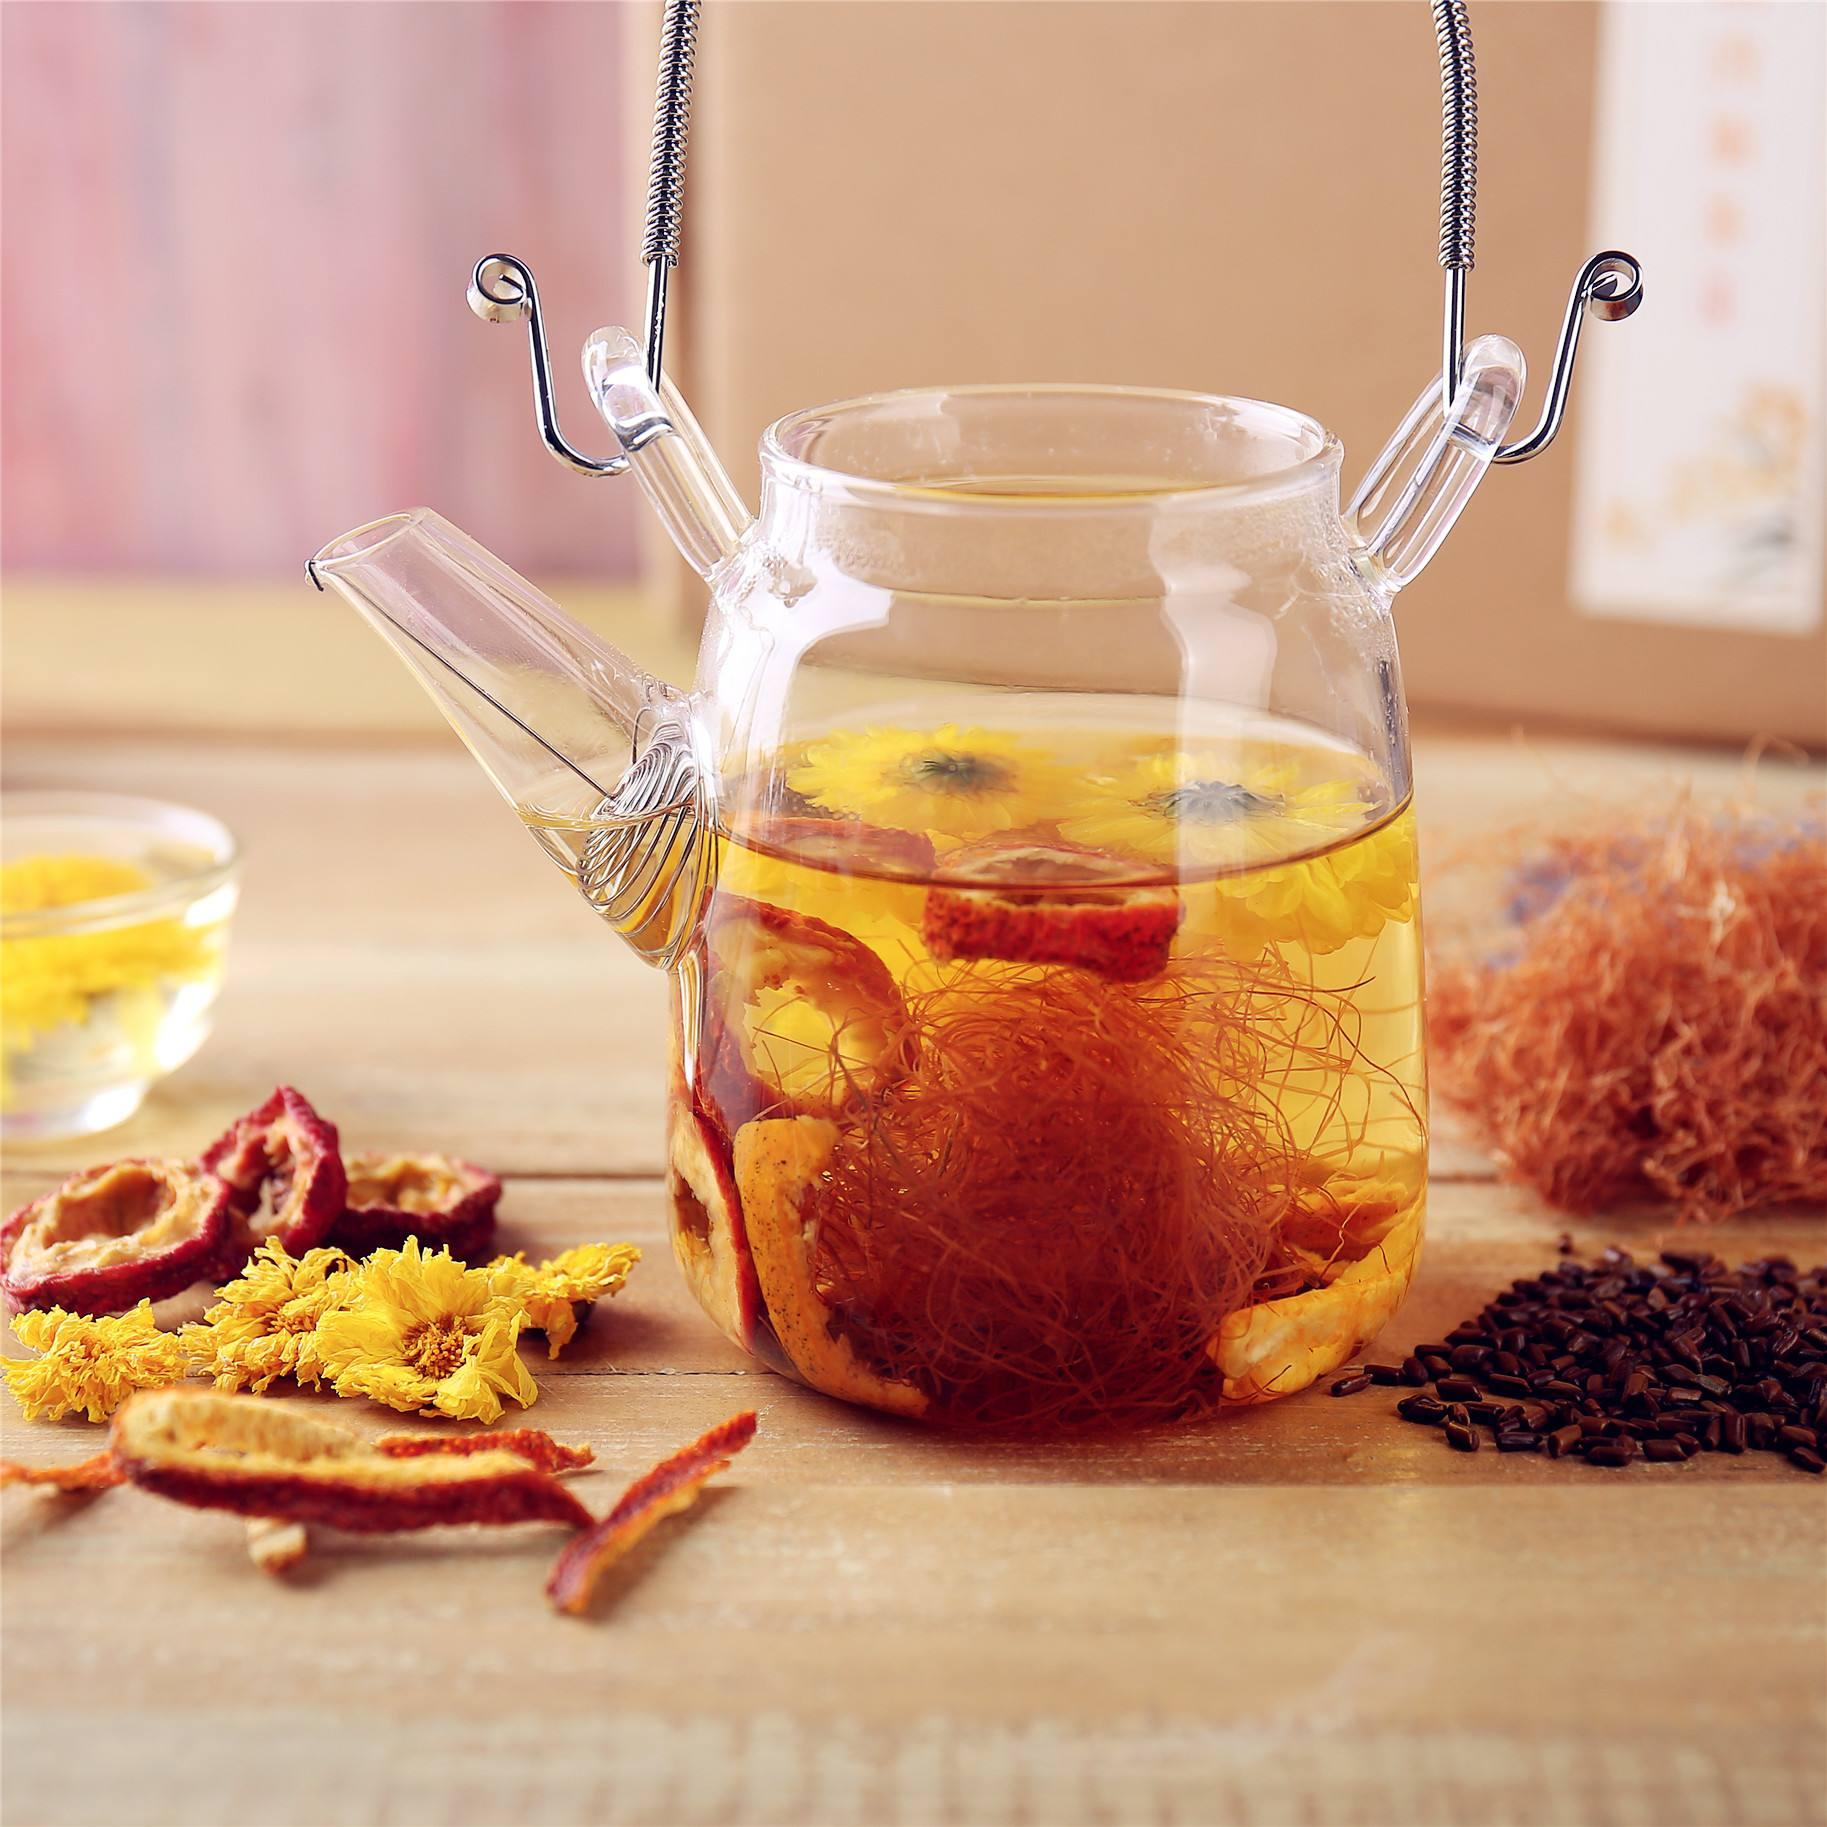 陈皮、柑普茶和陈皮普洱茶之间的区别在哪里